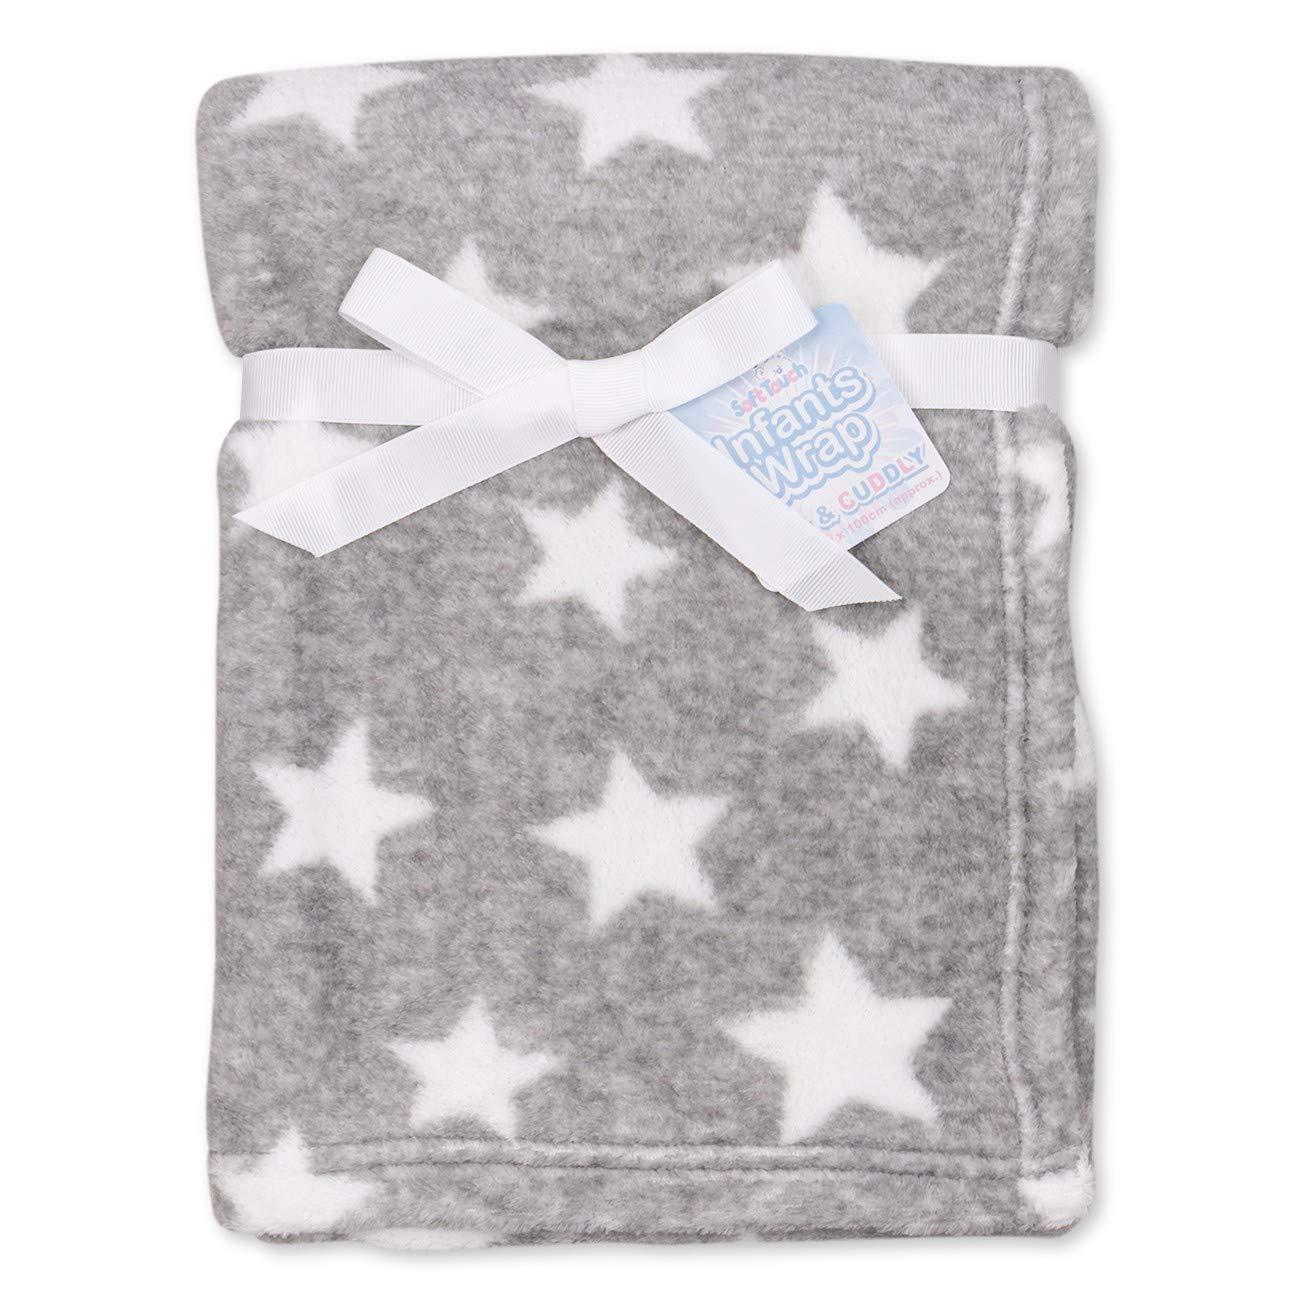 Soft Touch Baby Decke Unisex grau weiß   Motiv: Sterne   Babydecke mit Sternenmotiv für Neugeborene & Kleinkinder